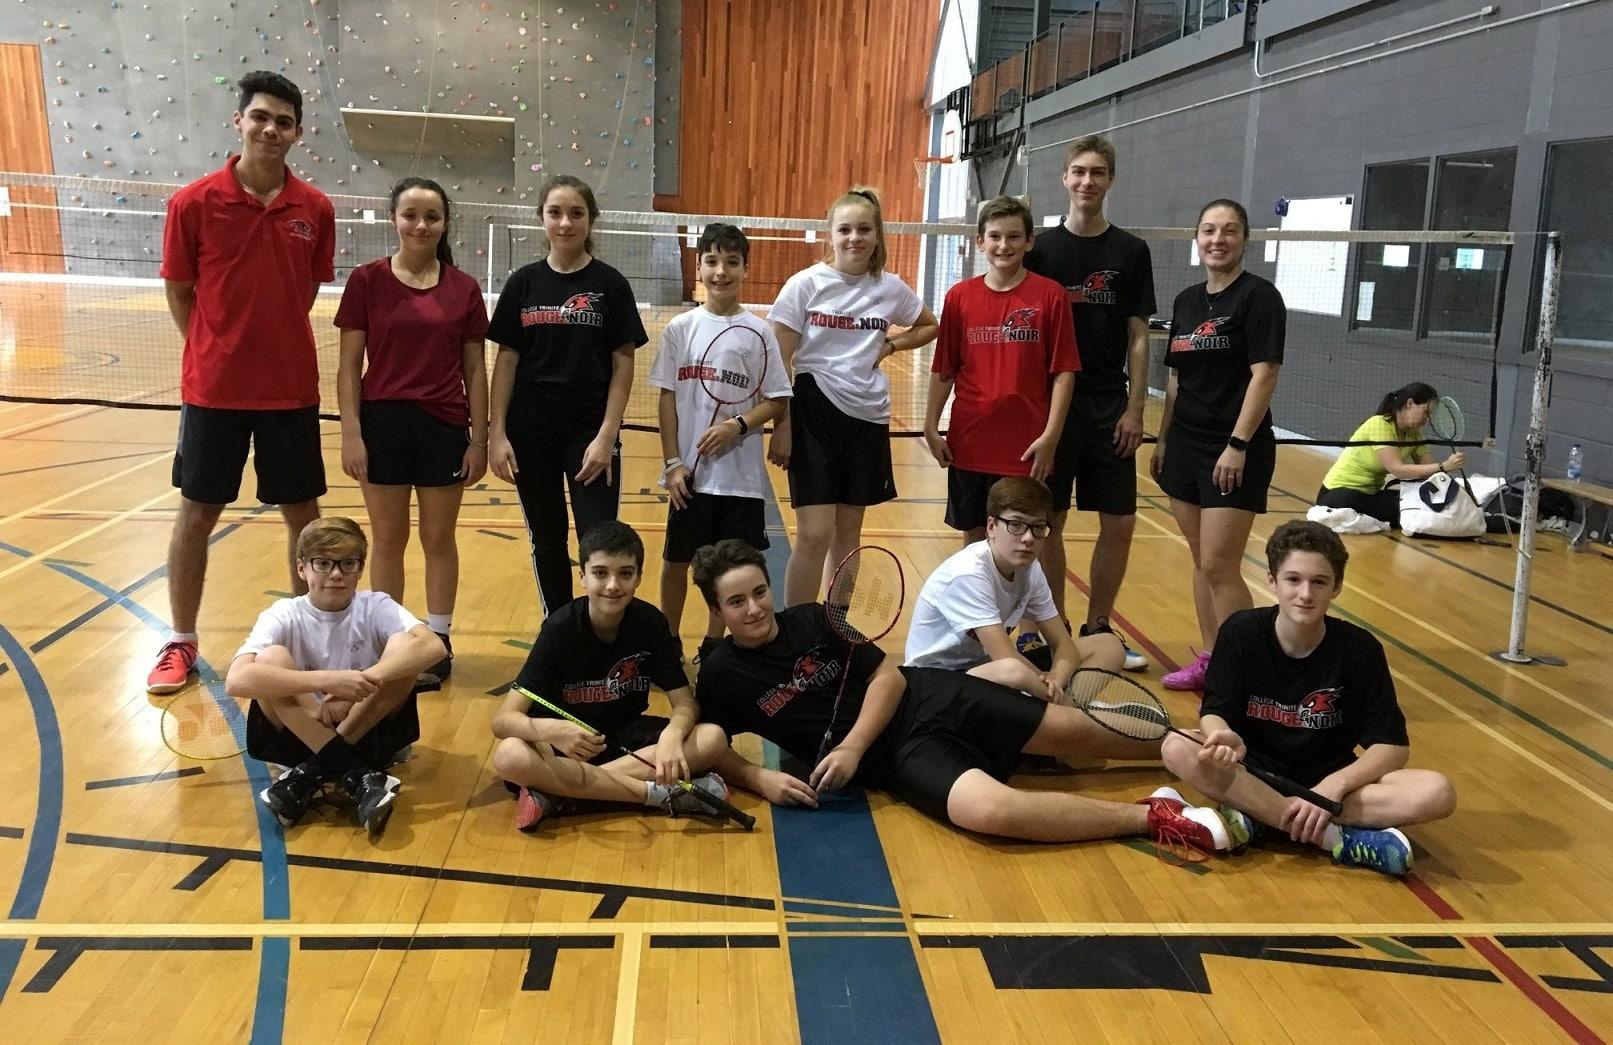 Événement badminton